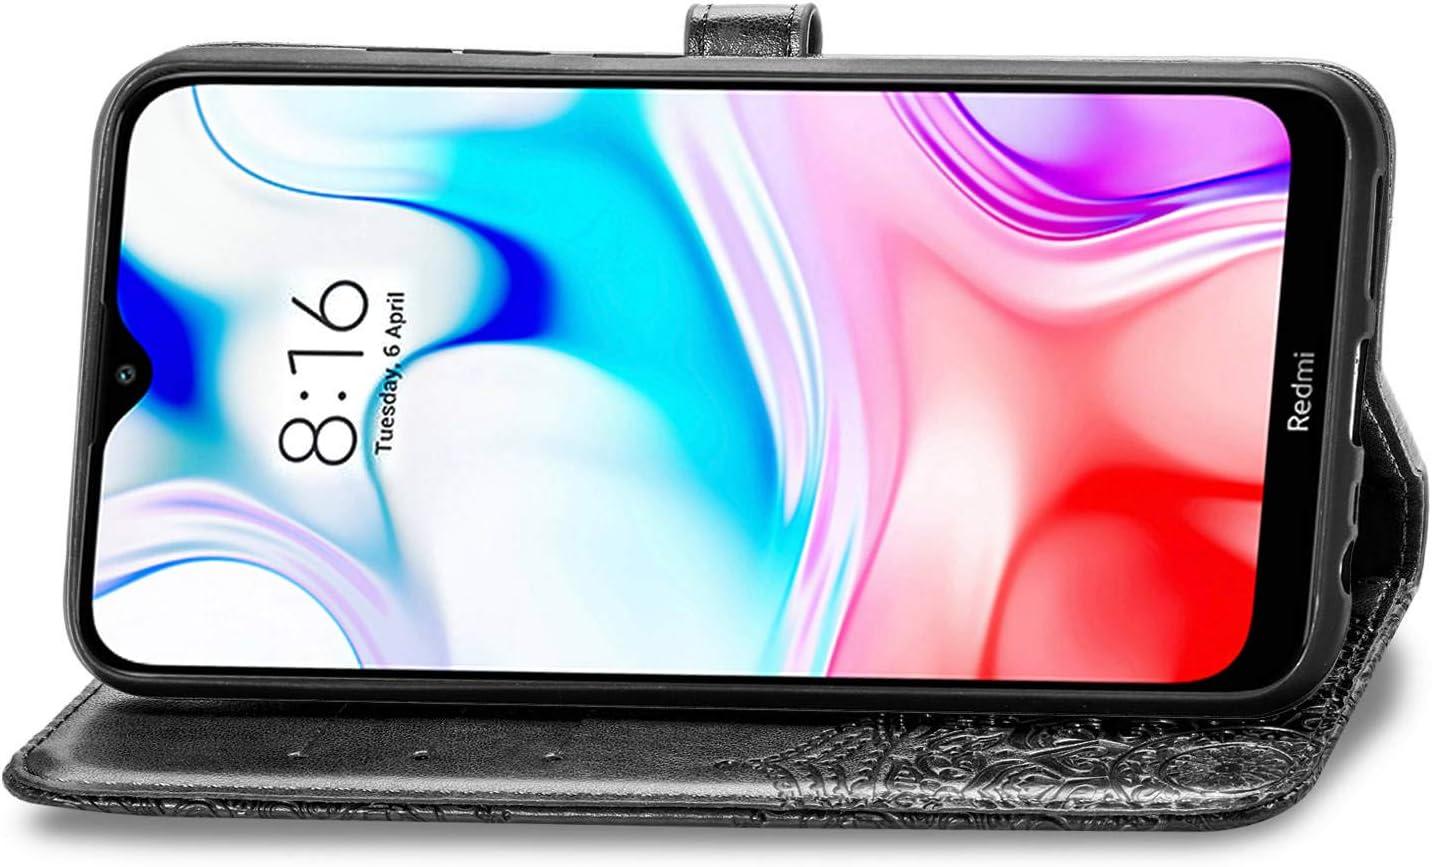 Laybomo H/ülle f/ür Xiaomi Redmi 8 Schale Ledertasche Schutzh/ülle Blumenpr/ägung mit Kartensteckplatz Brieftasche Magnetisch Stehen Weiches TPU Silikon Cover Handyh/ülle Xiaomi Redmi 8 Blau